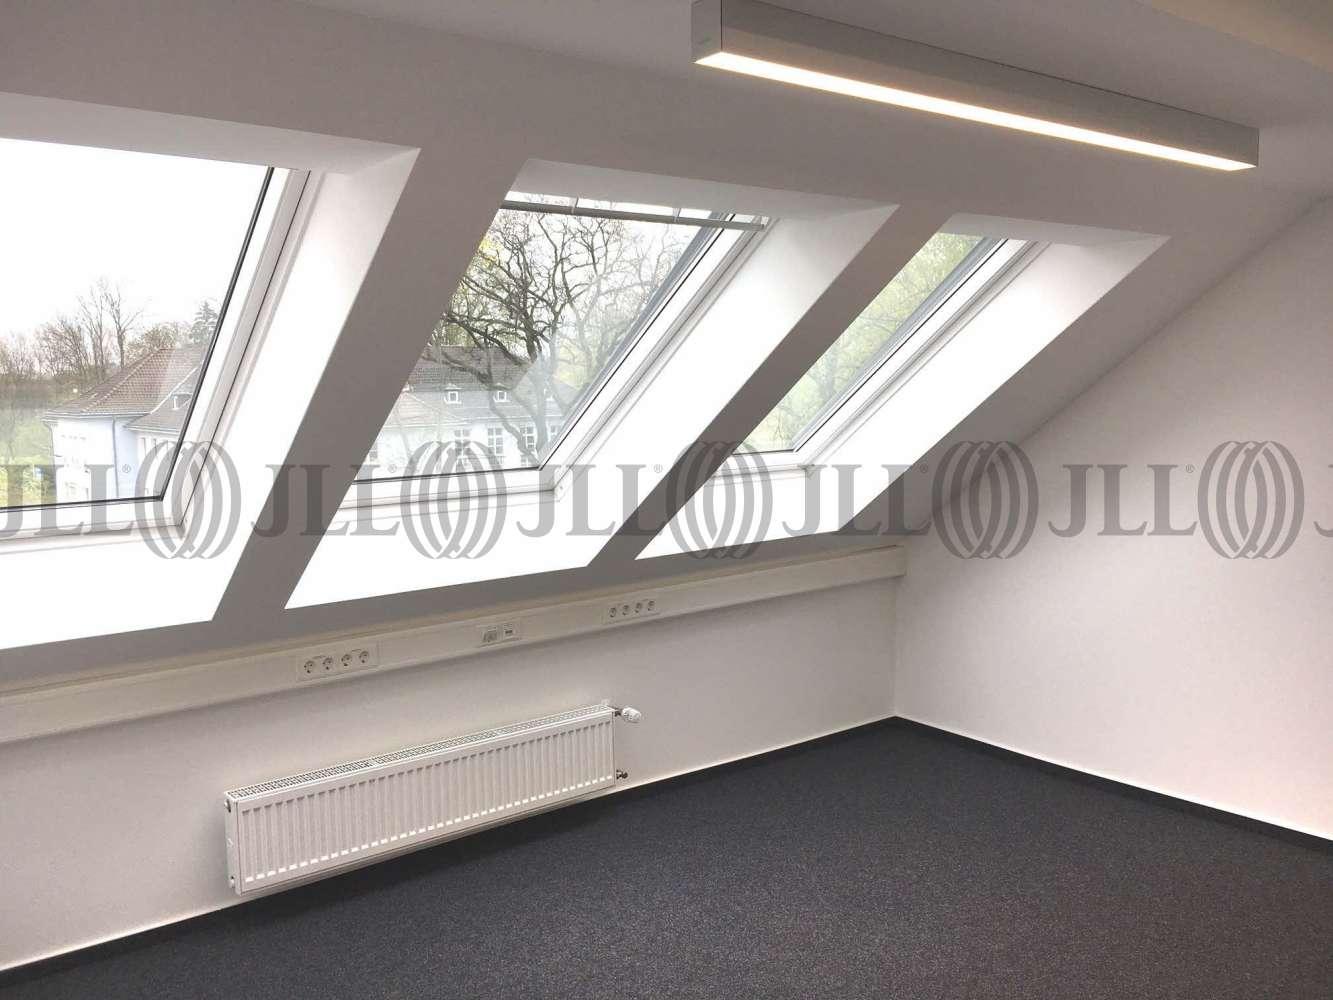 Büros Langenhagen, 30855 - Büro - Langenhagen, Alt-Langenhagen - H1312 - 9580303